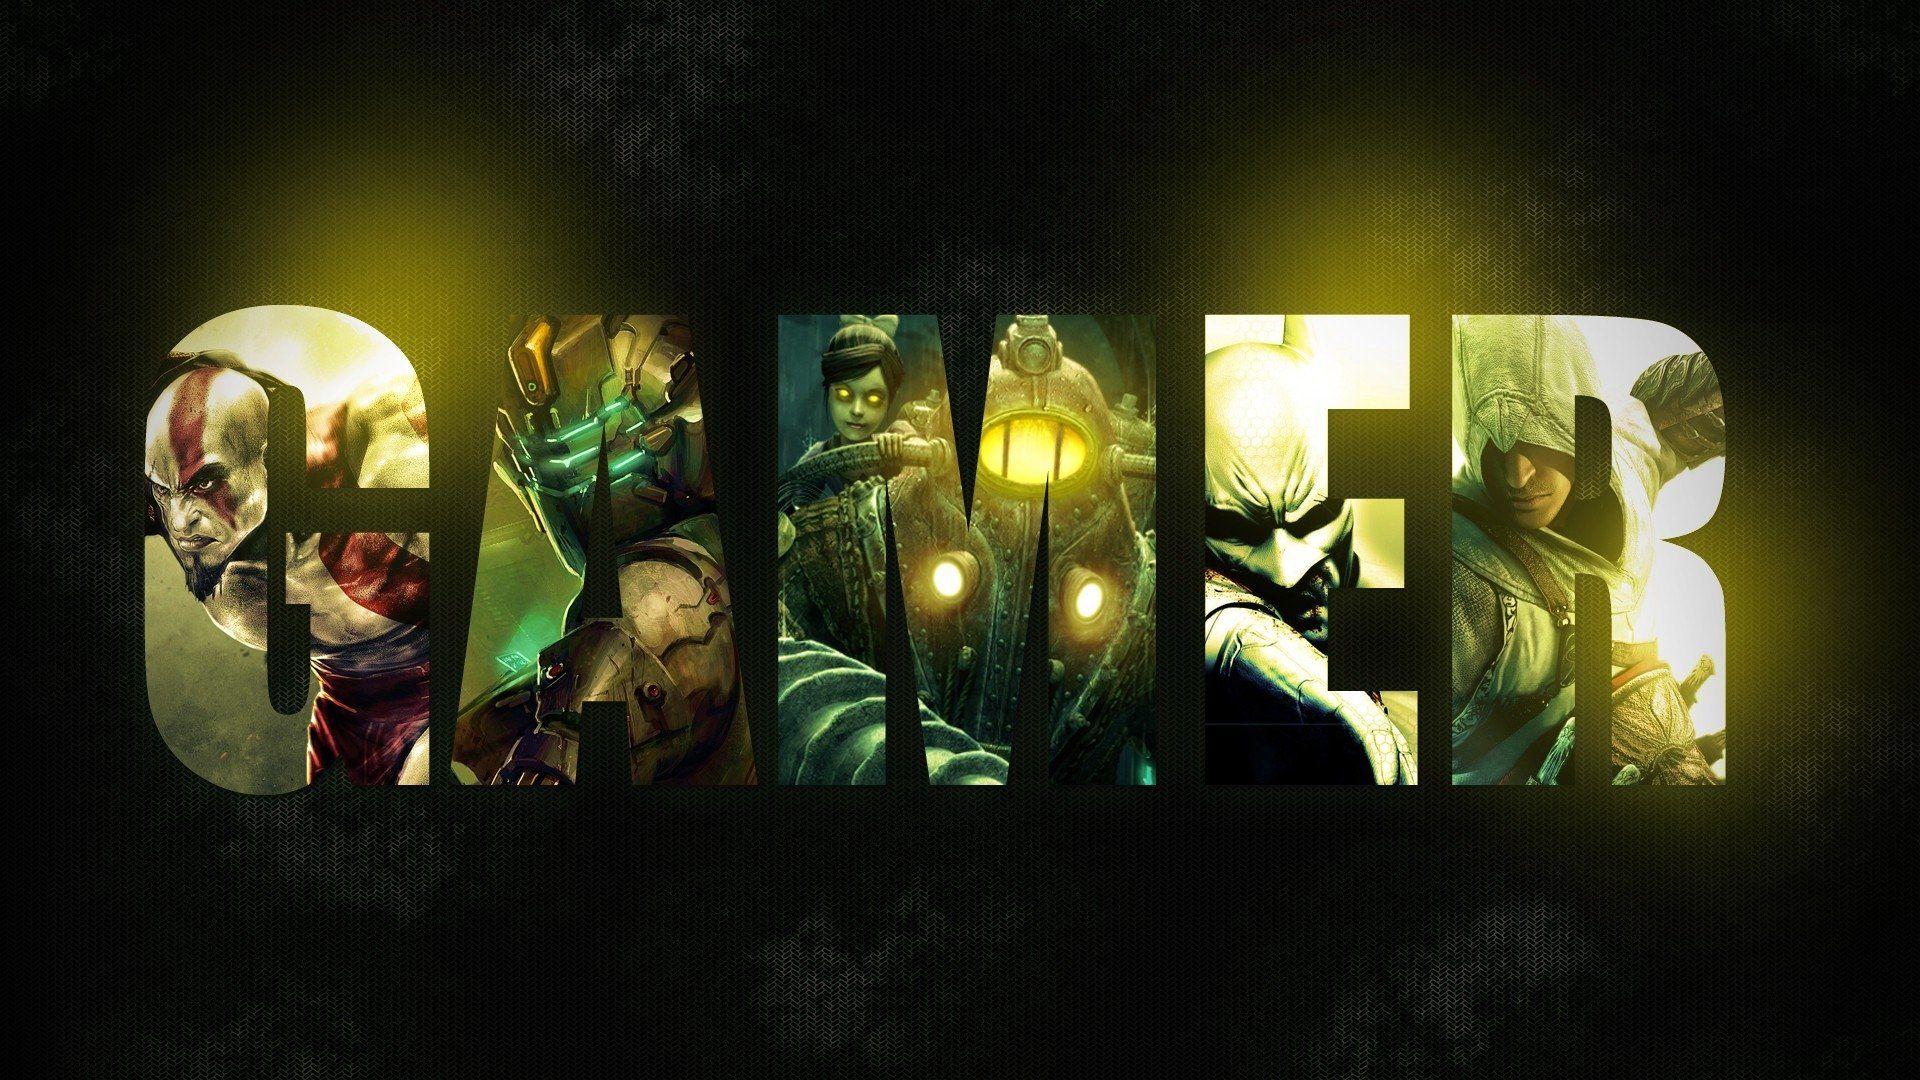 Gamer fondo de pantalla